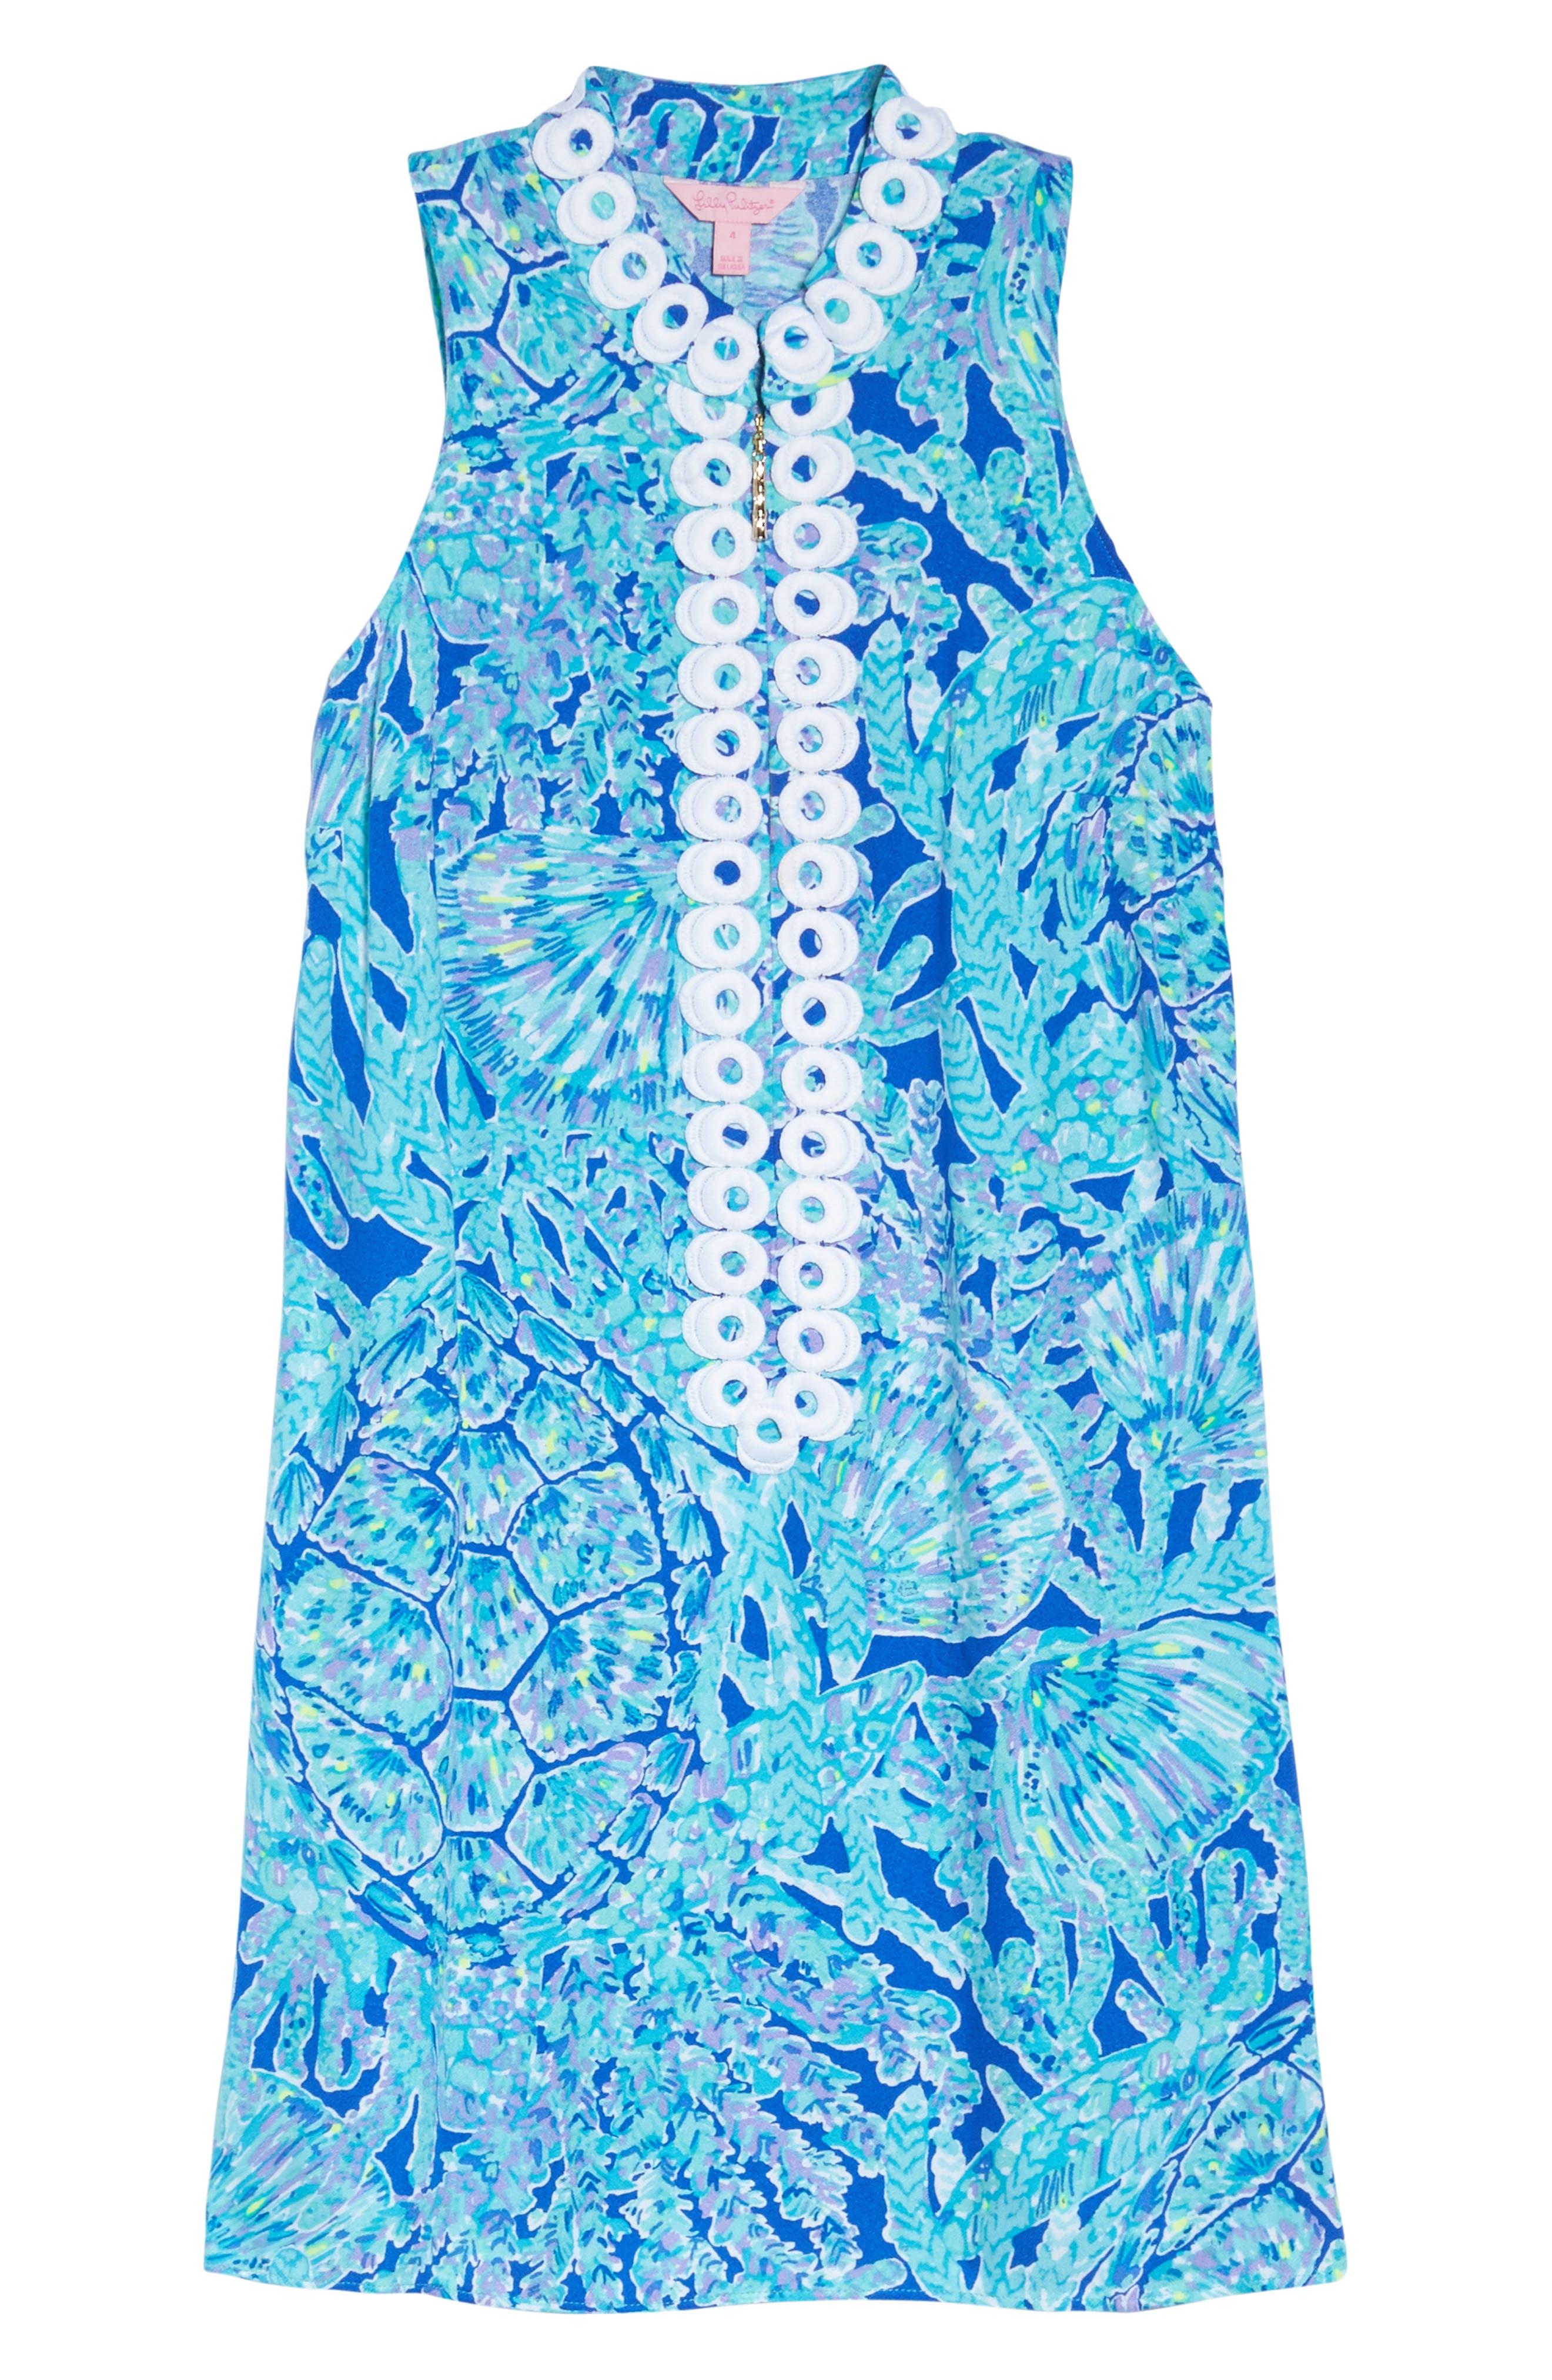 Jane Shift Dress,                             Alternate thumbnail 6, color,                             Capri Teal Tortuga Time